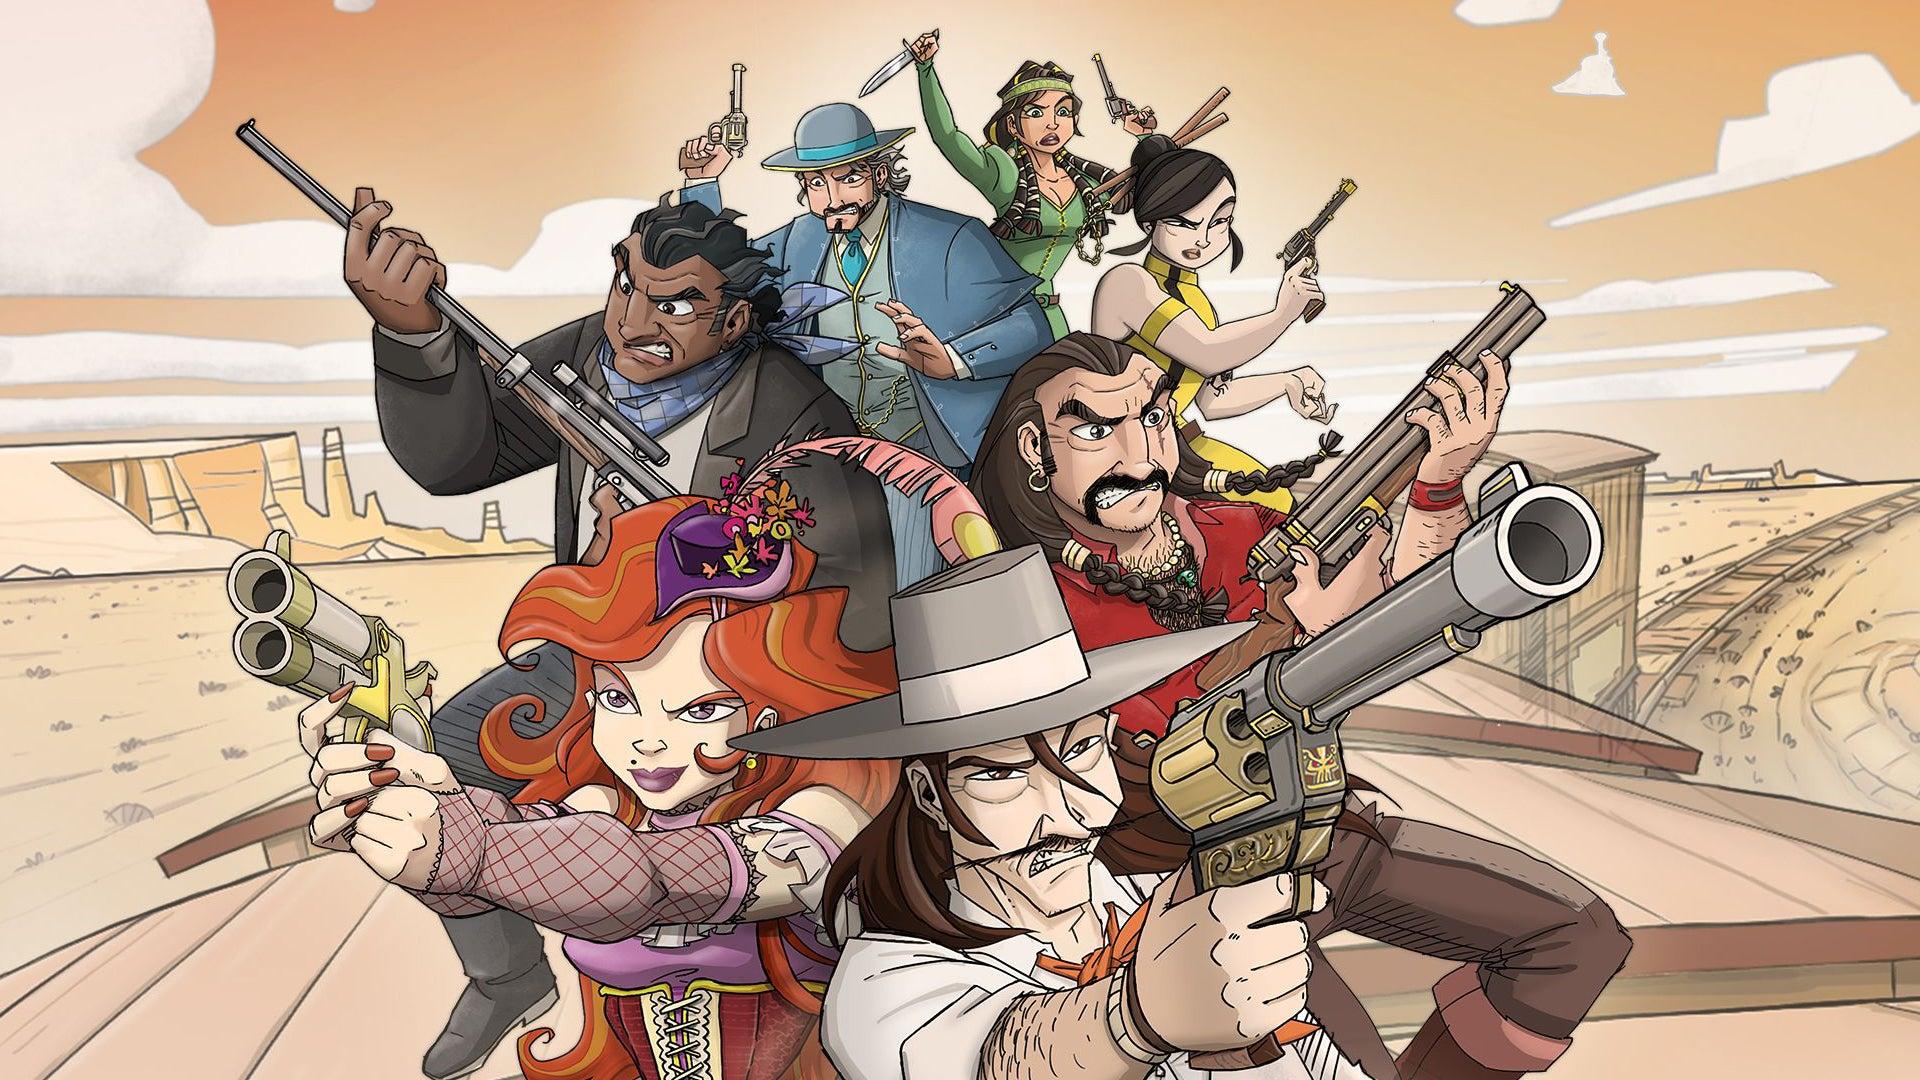 Super Colt Express board game artwork